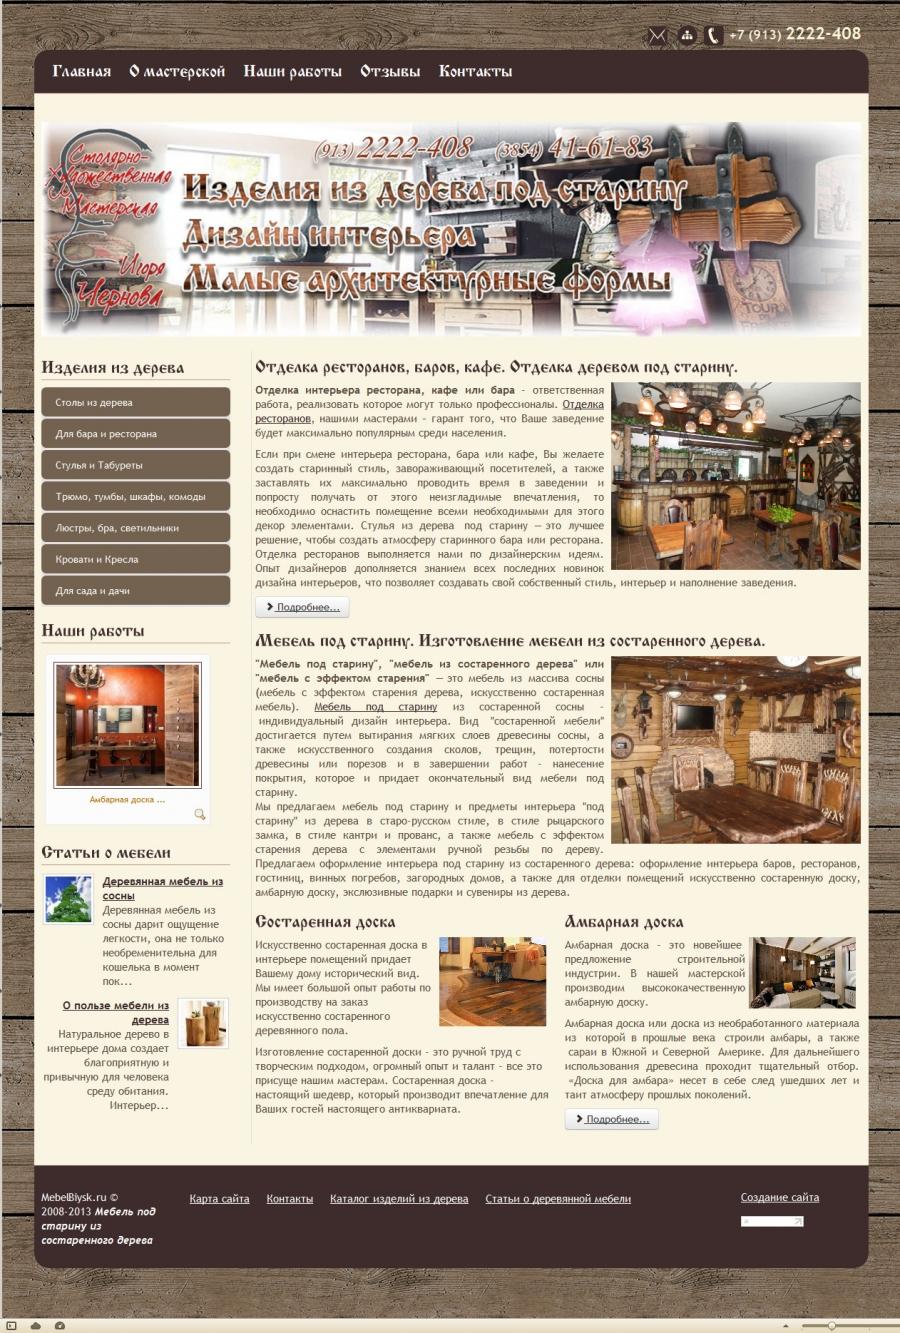 Редизайн сайта мебели под старину